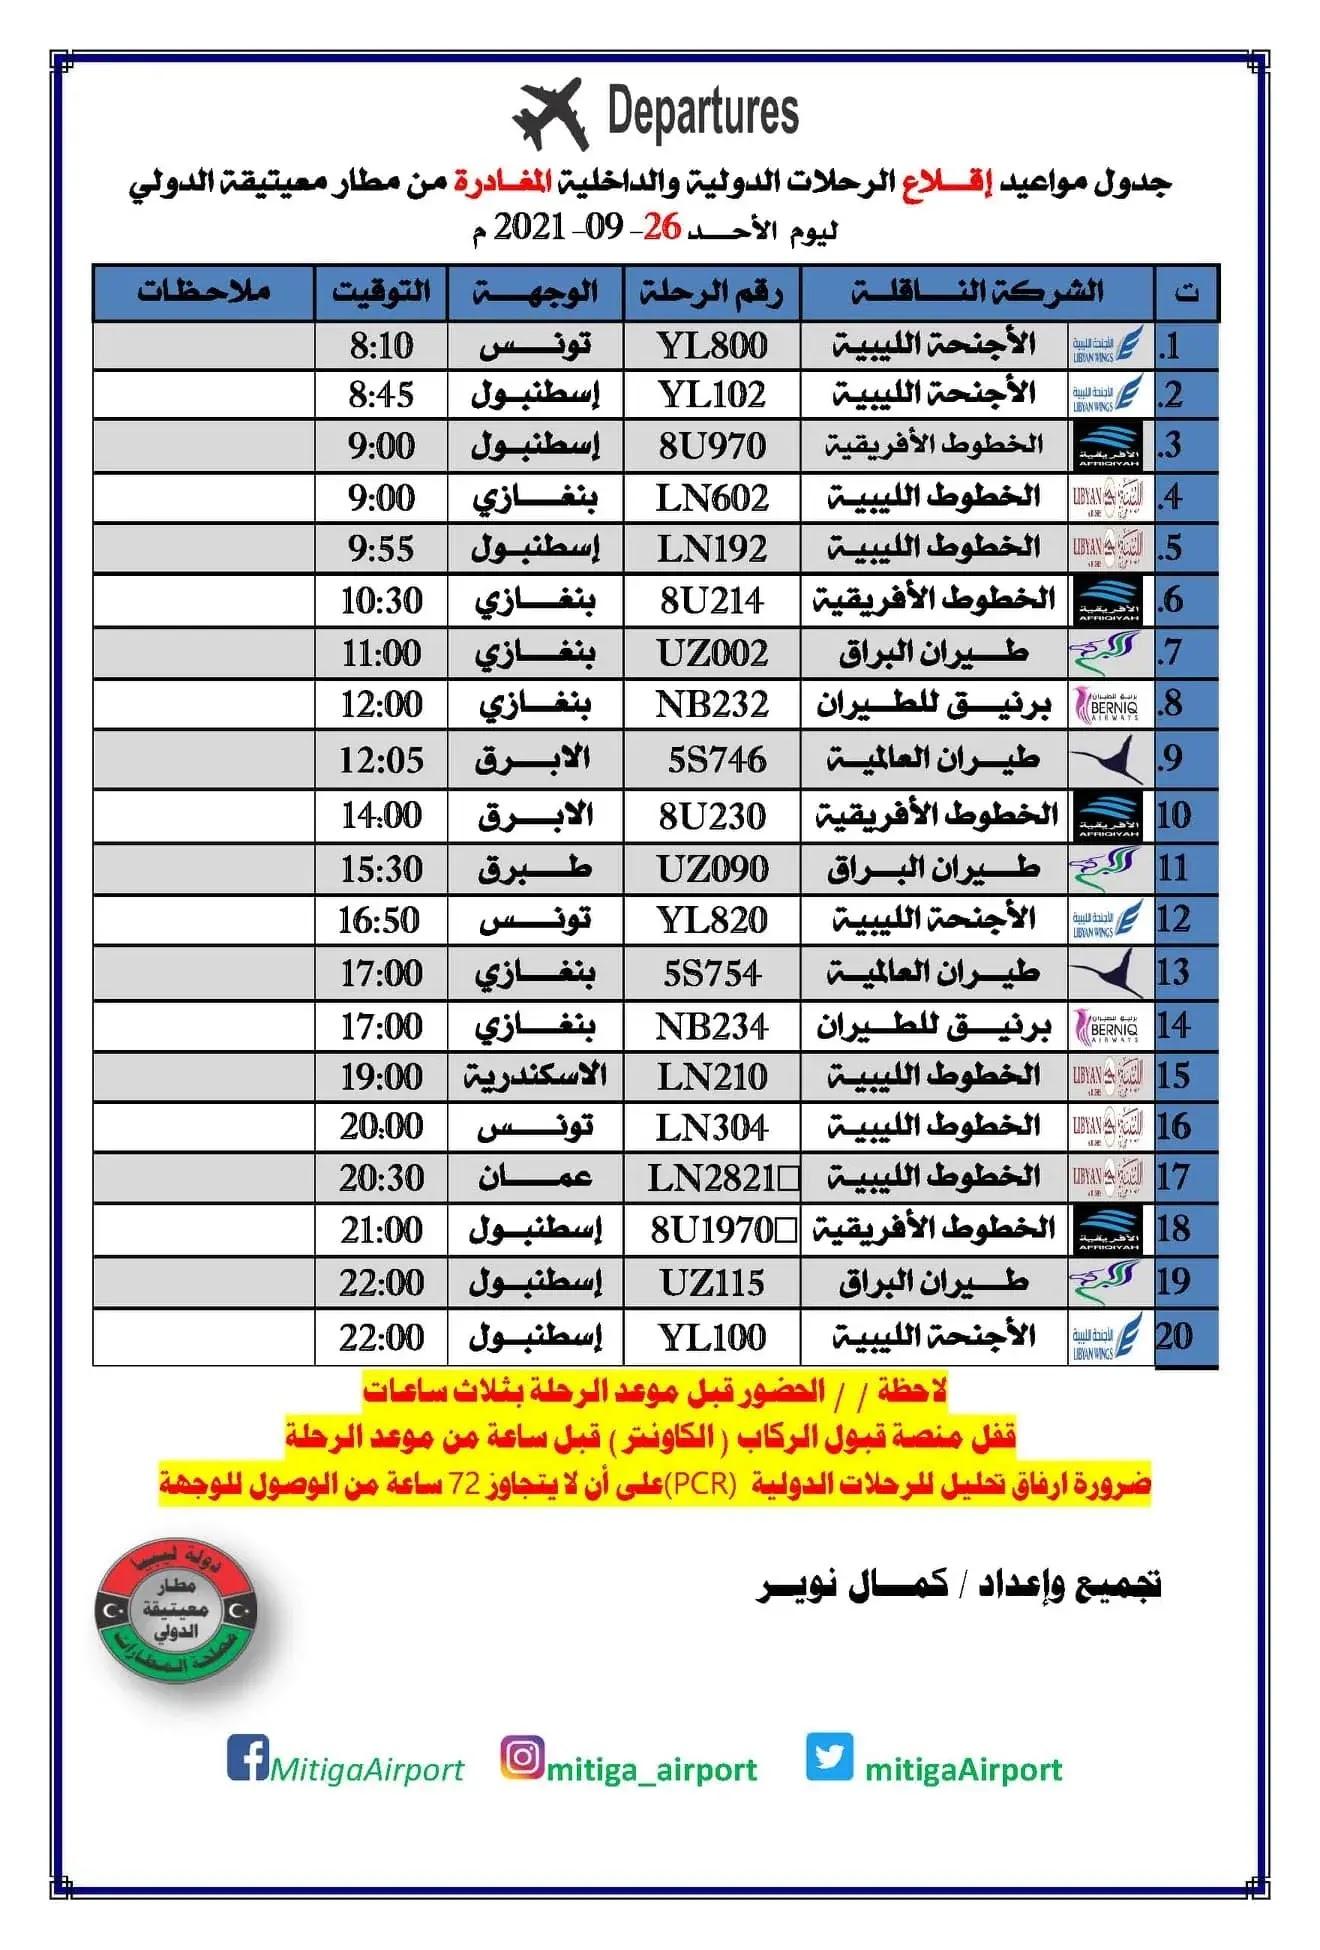 رحلات مطار معيتيقة الدولي الأحد 26-09-2021م